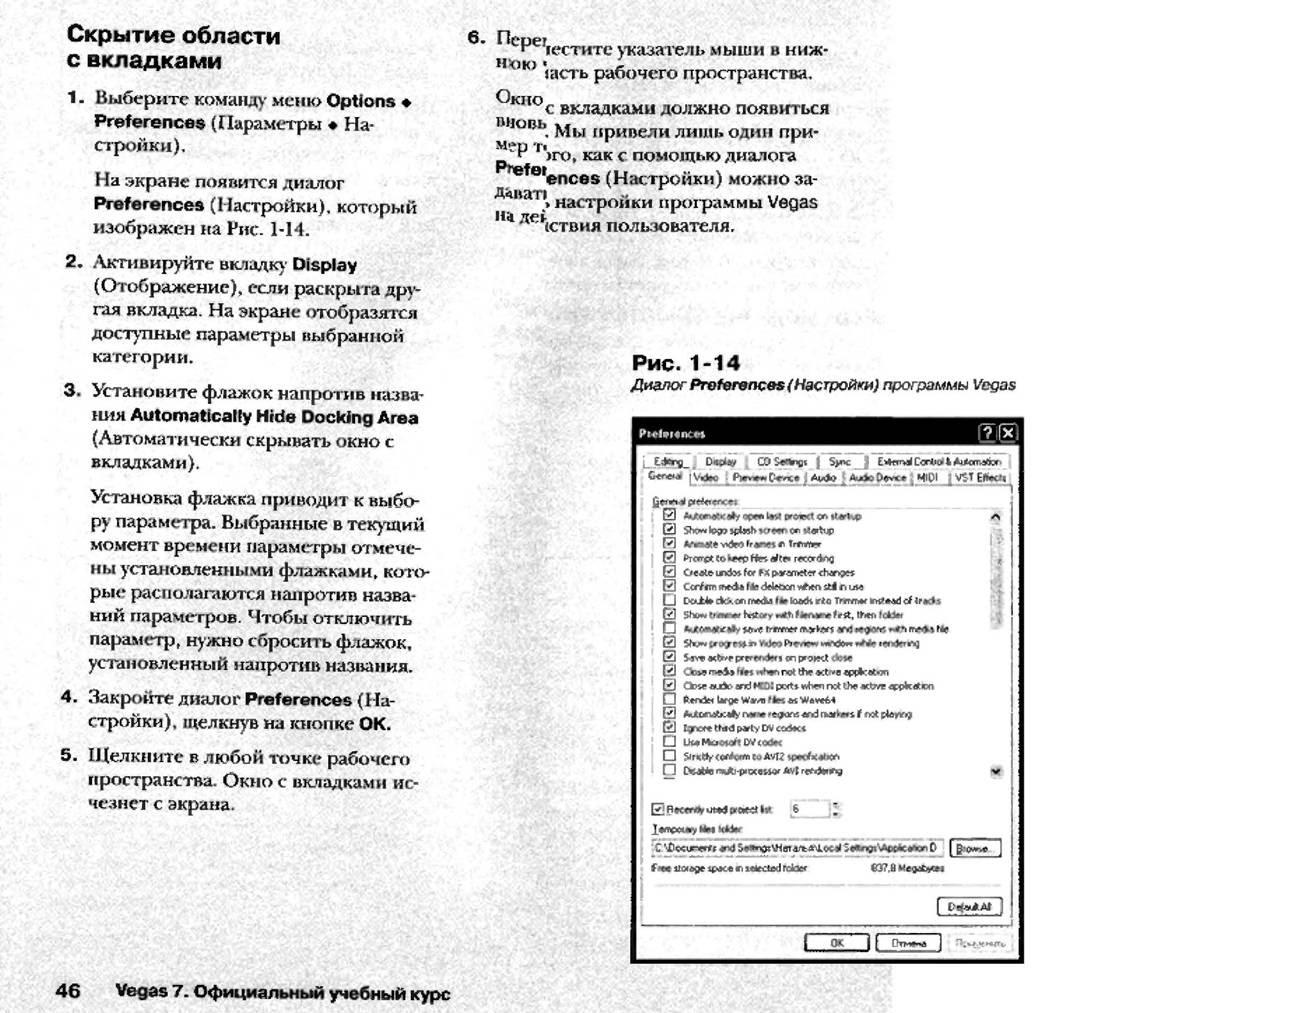 http://redaktori-uroki.3dn.ru/_ph/13/809088422.jpg